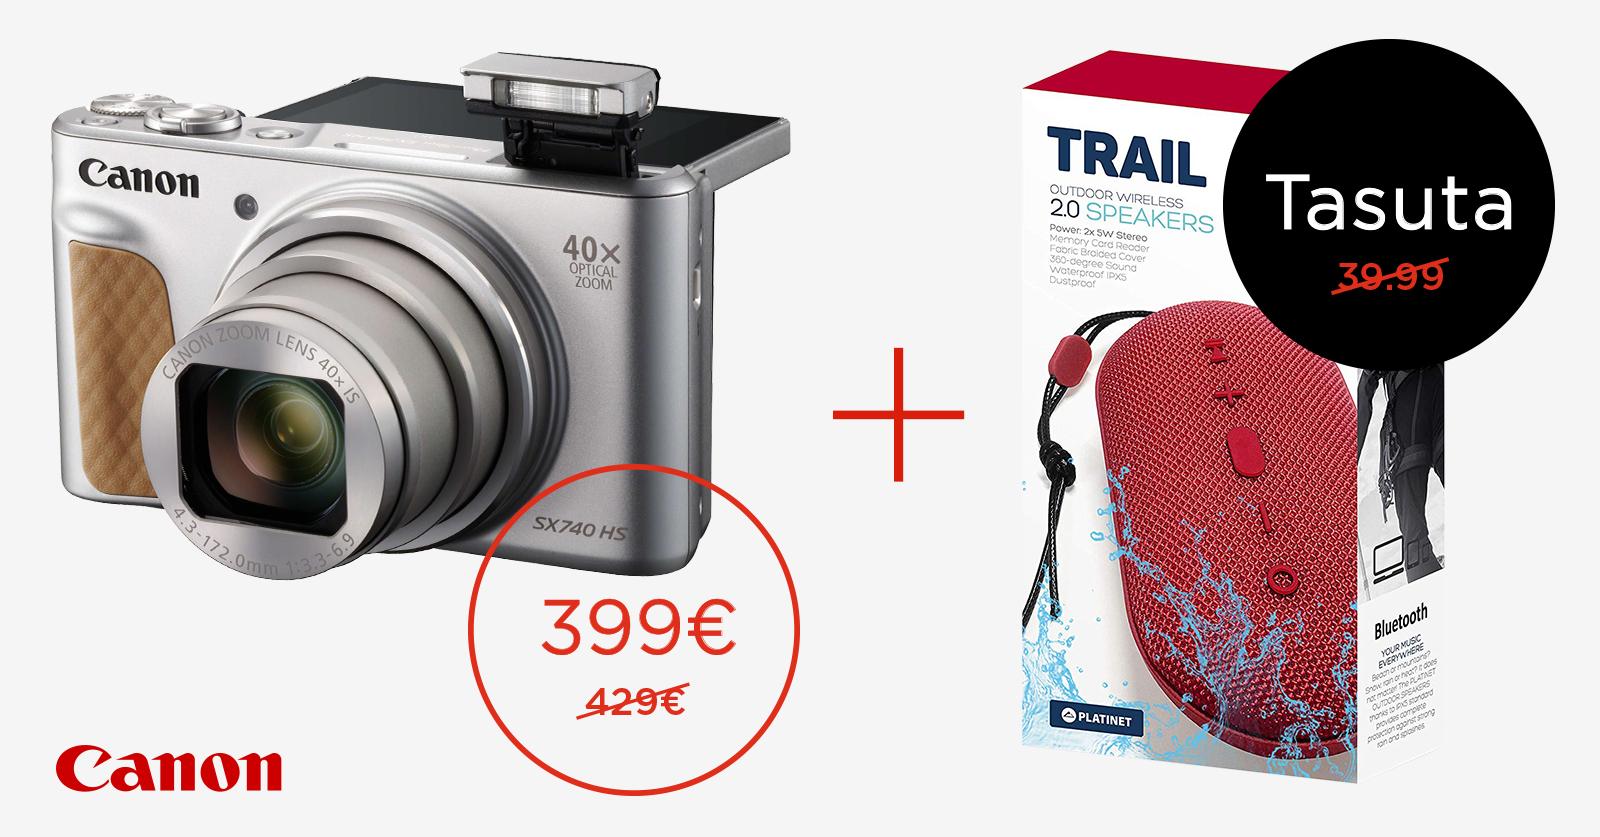 Canon PowerShot SX740 HS 40x reisisuumi ostul saad kingituse